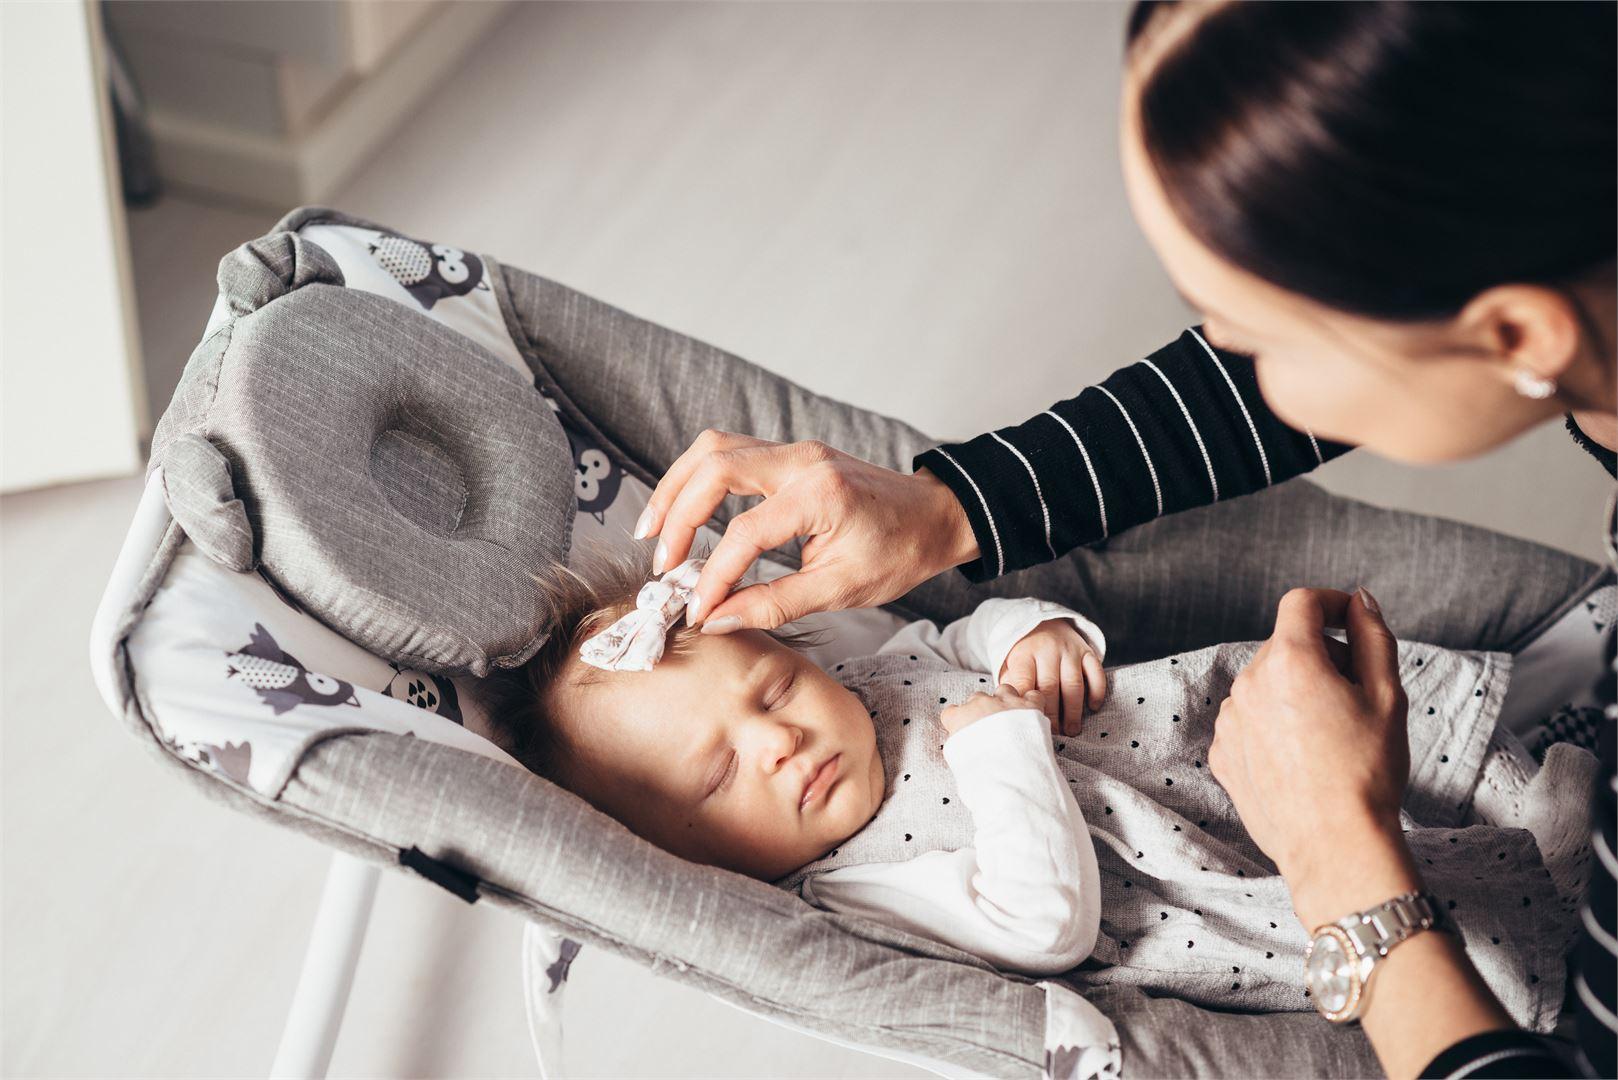 Kaikista jännittävintä raskaudessa olivat vauvan liikkeet. Silloin Mirka tajusi kunnolla, että hänen sisällään oli pieni ihminen.